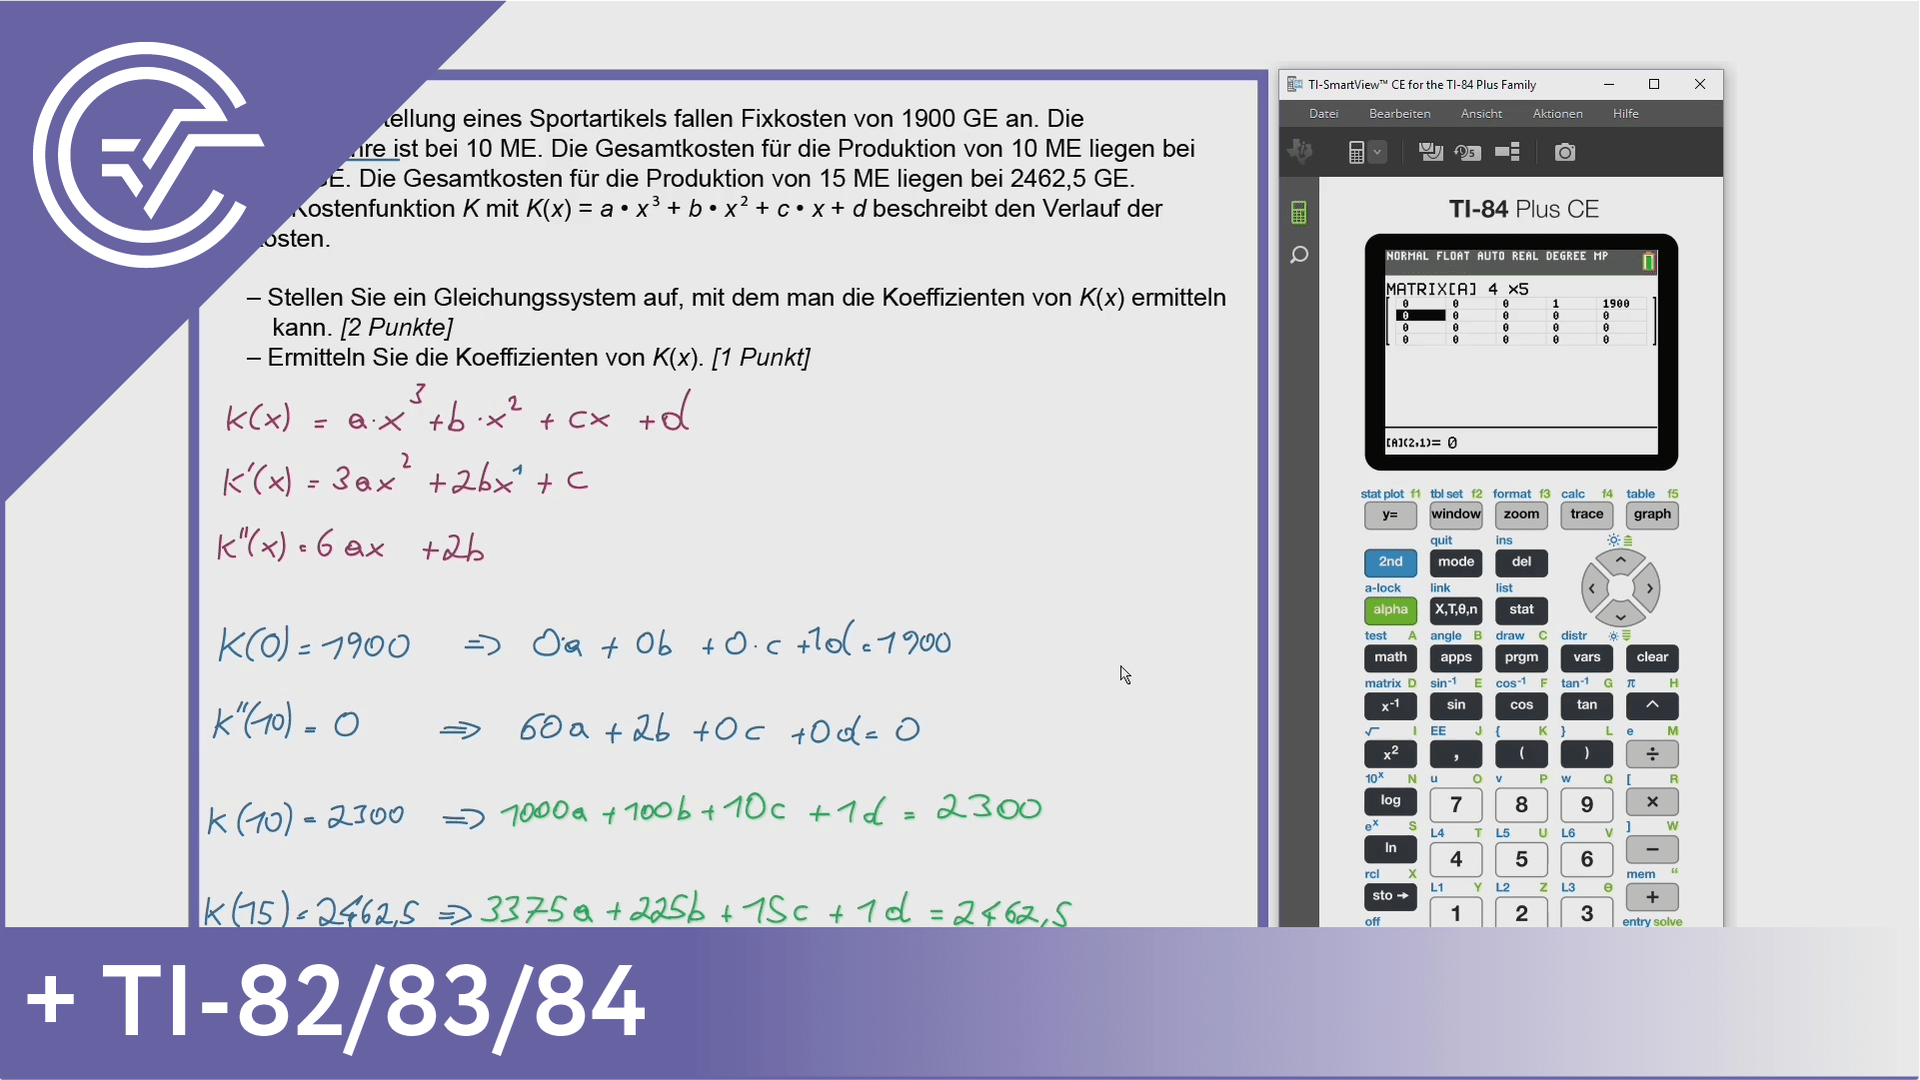 Teil-B - Cluster 7 - 7b Gleichungssysteme mit dem TI-82/83/84